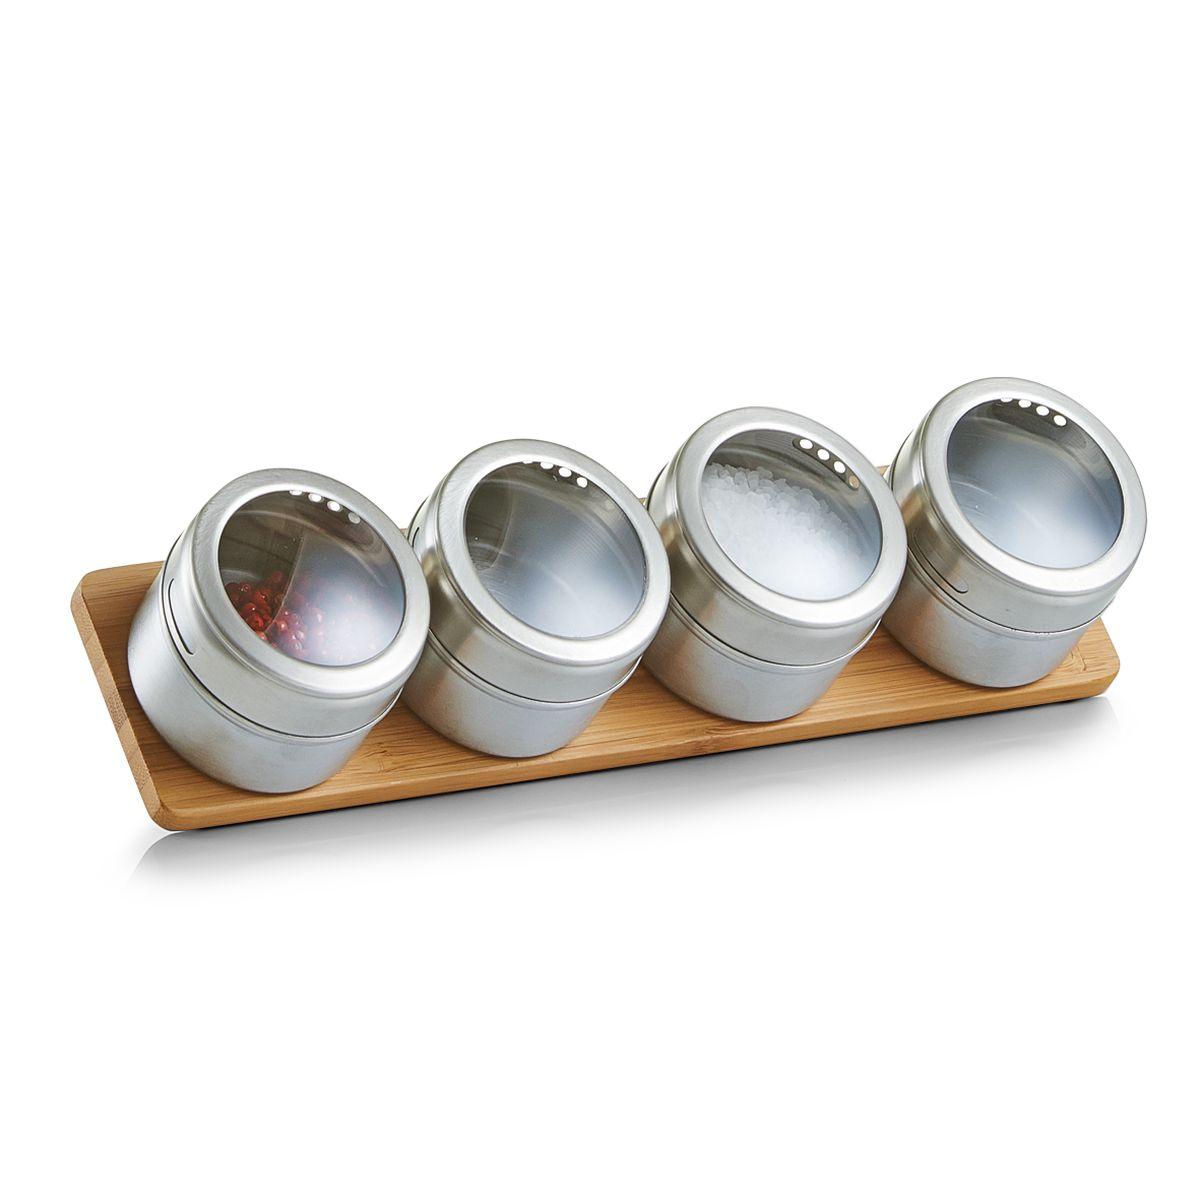 Набор для специй Zeller, на подставке, 5 предметов, 28 х 6,8 х 6 см19980Набор состоит из пяти баночек для специй и подставки. Баночки выполнены из нержавеющей стали , оснащены закручивающимися металлическими крышками. Подставка из дерева. Набор для специй стильно оформит интерьер кухни и станет незаменимым при приготовлении пищи. Компактный, он не занимает много места.